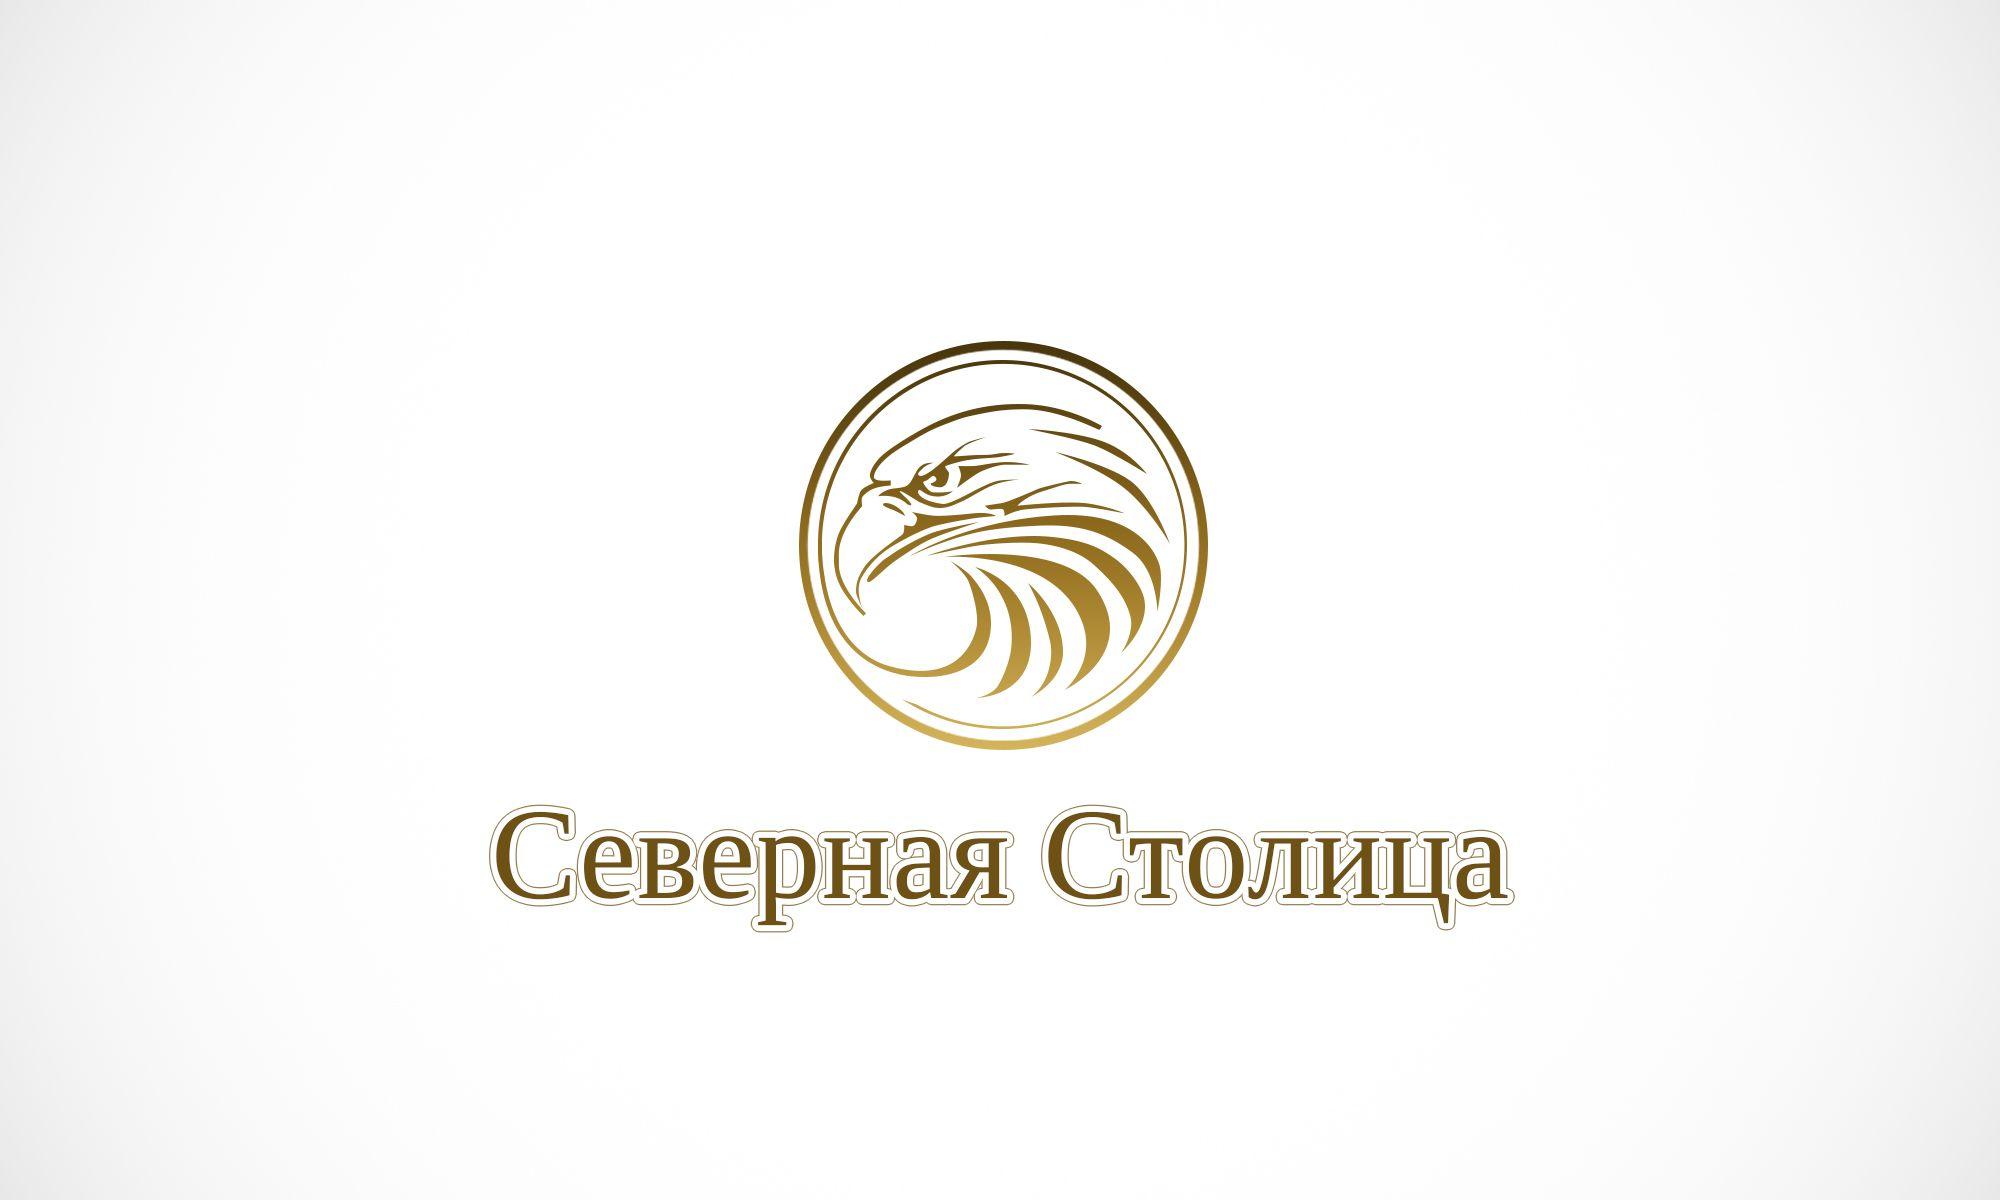 Логотип для компании Северная Столица - дизайнер goljakovai